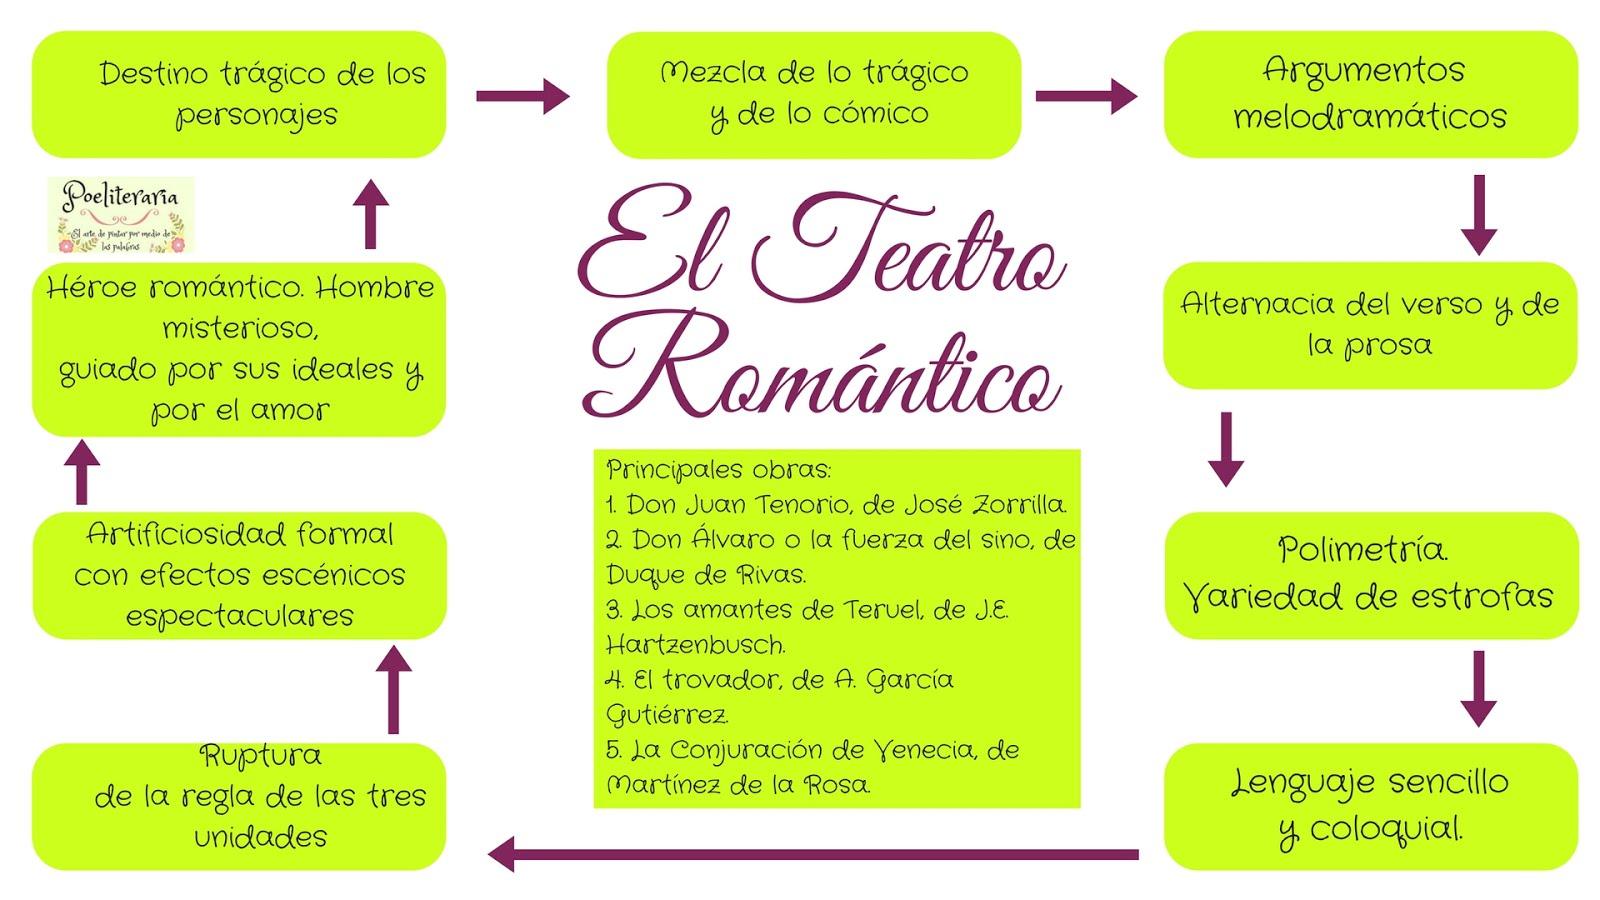 El Teatro Romántico.